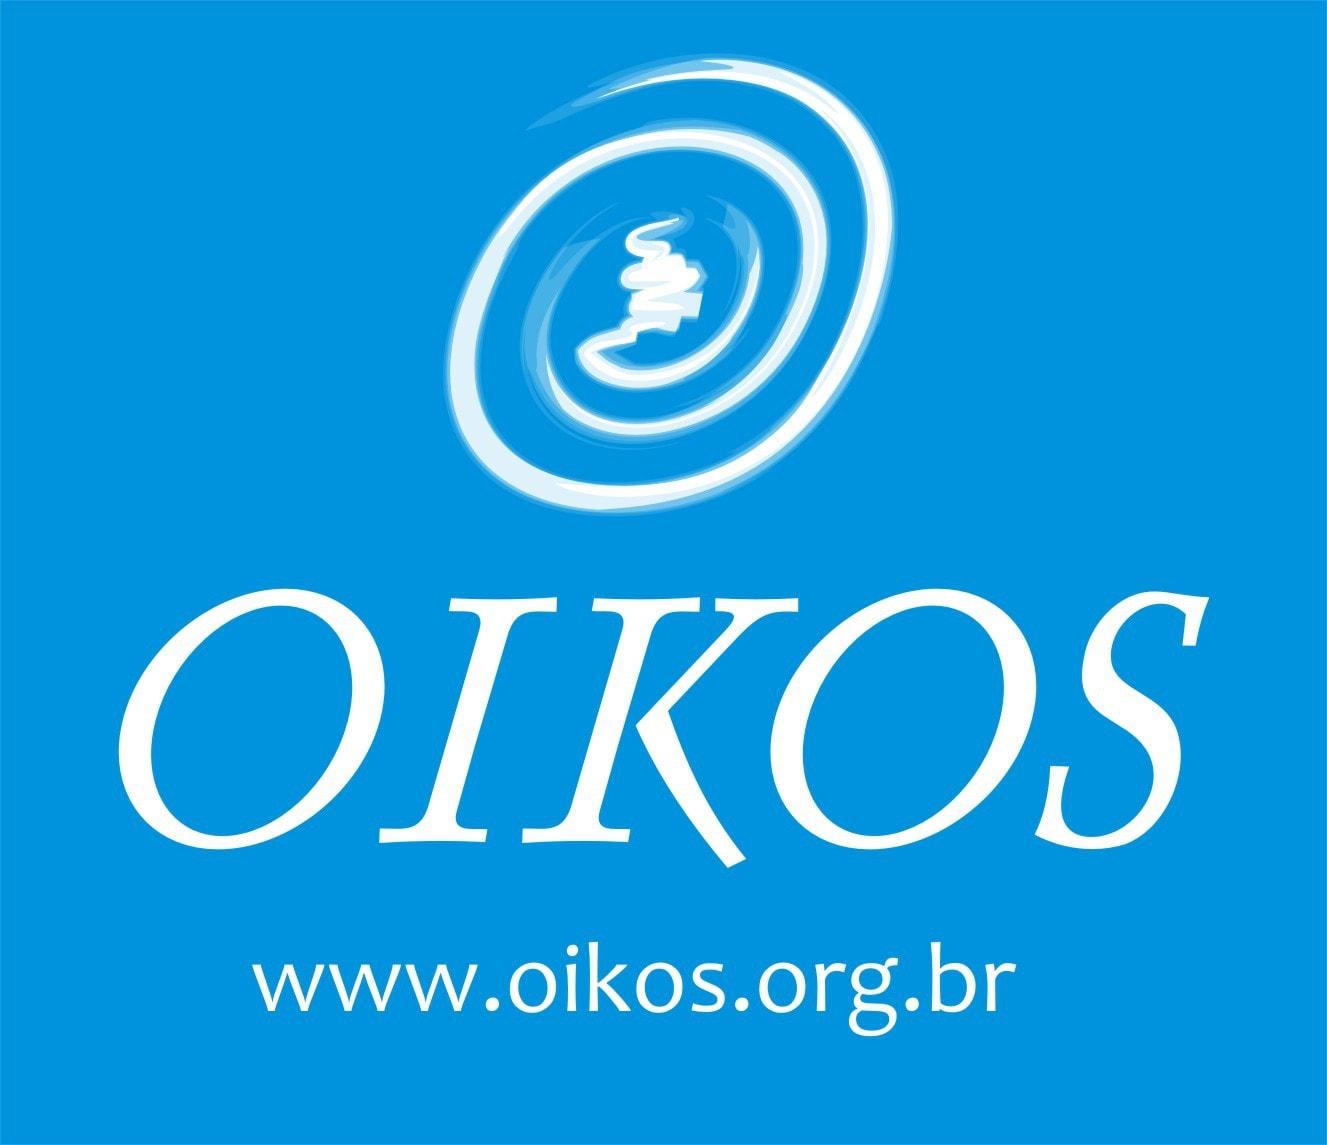 Oikos com logo